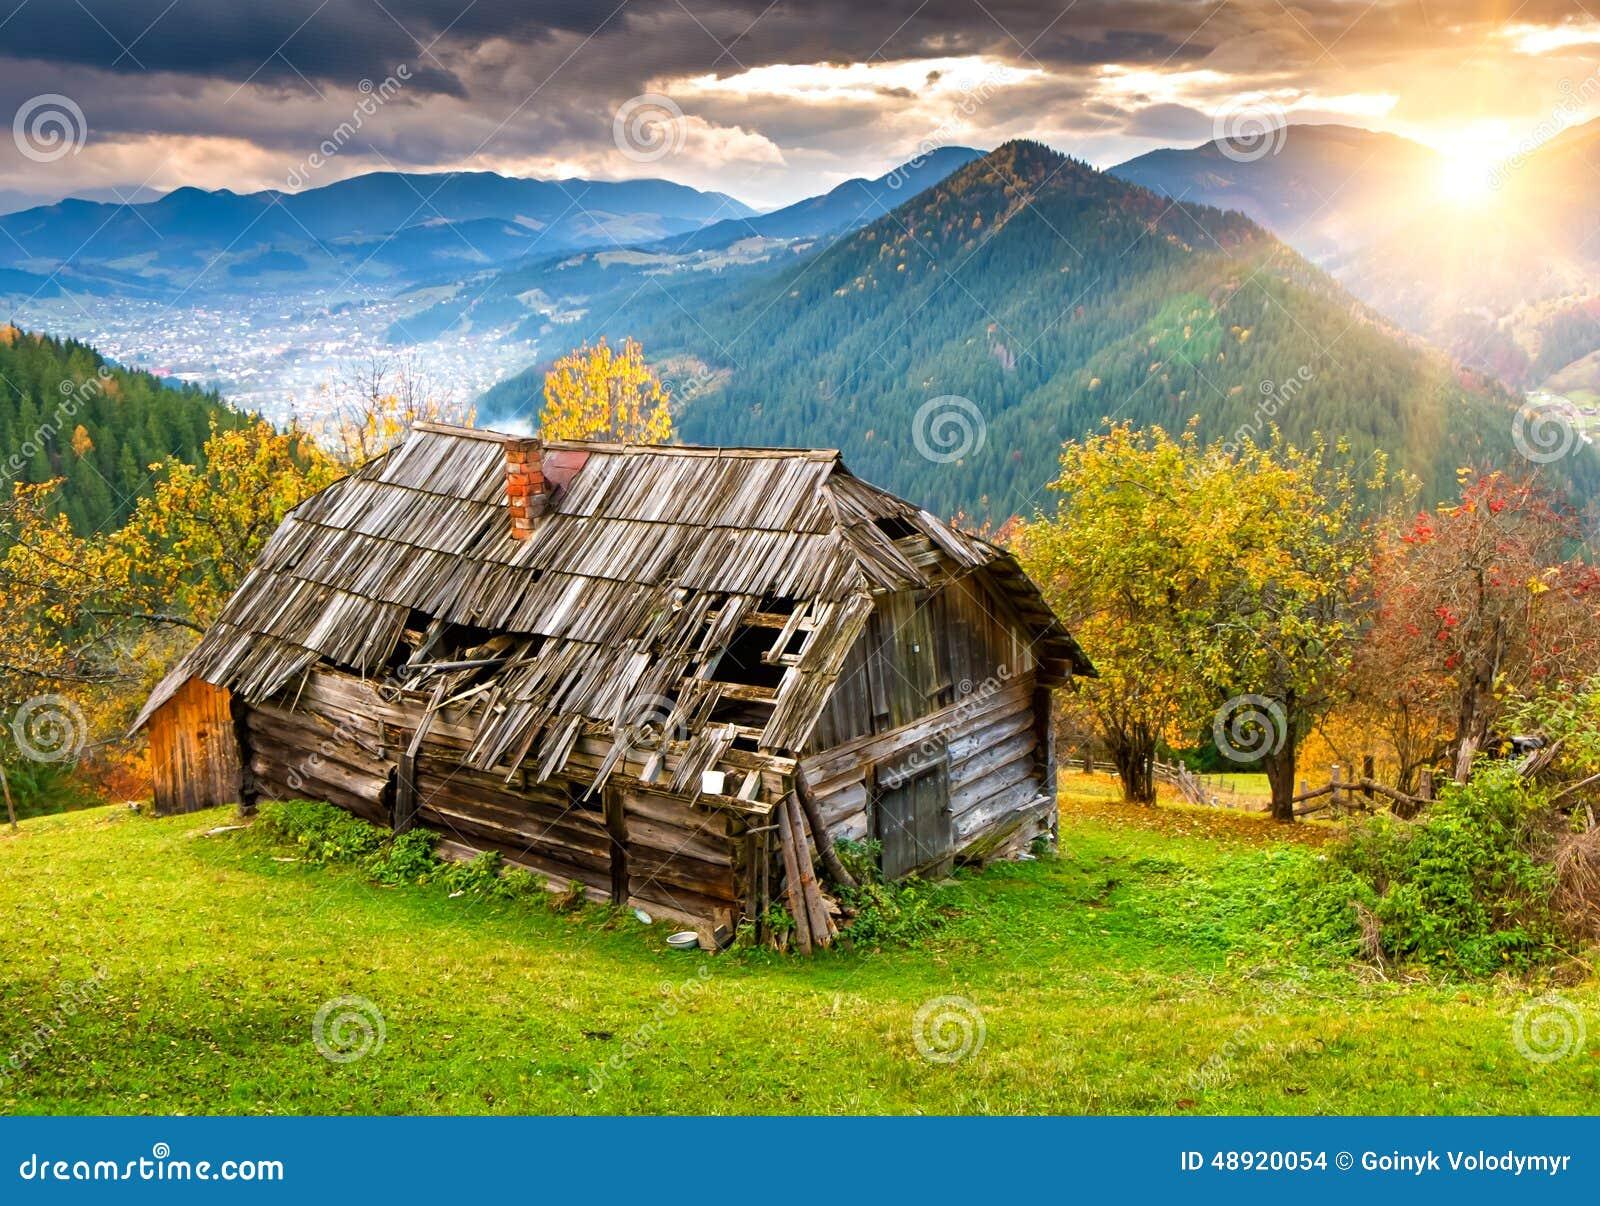 carpathian house landscape ...